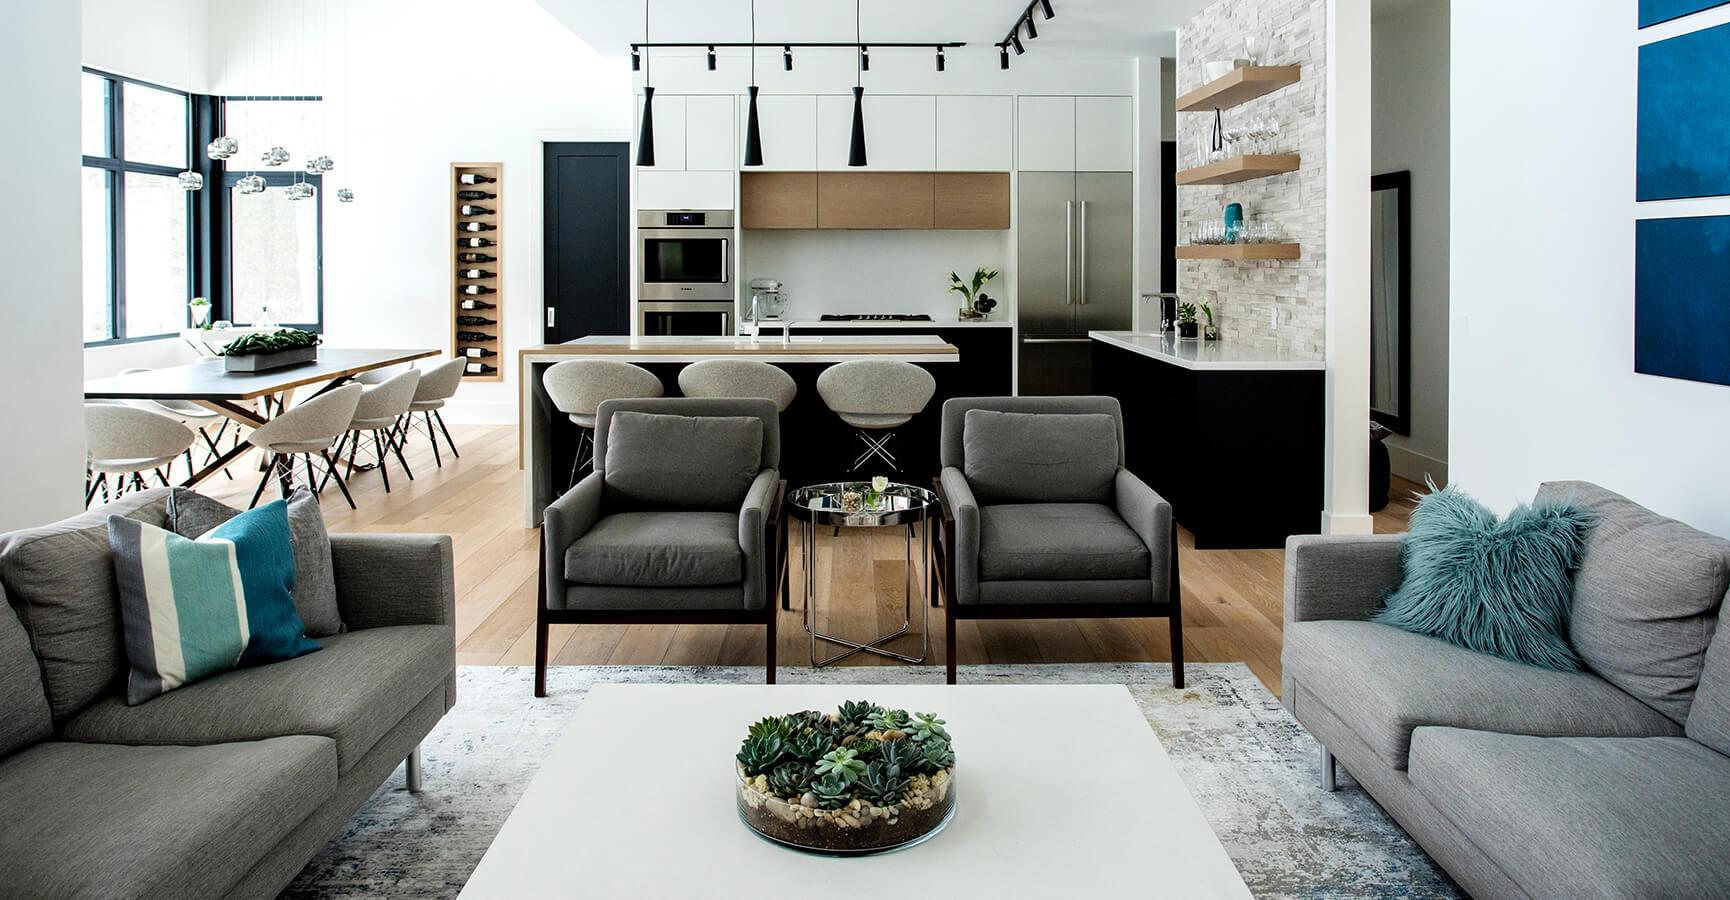 Living Room Furniture & Kitchen Design